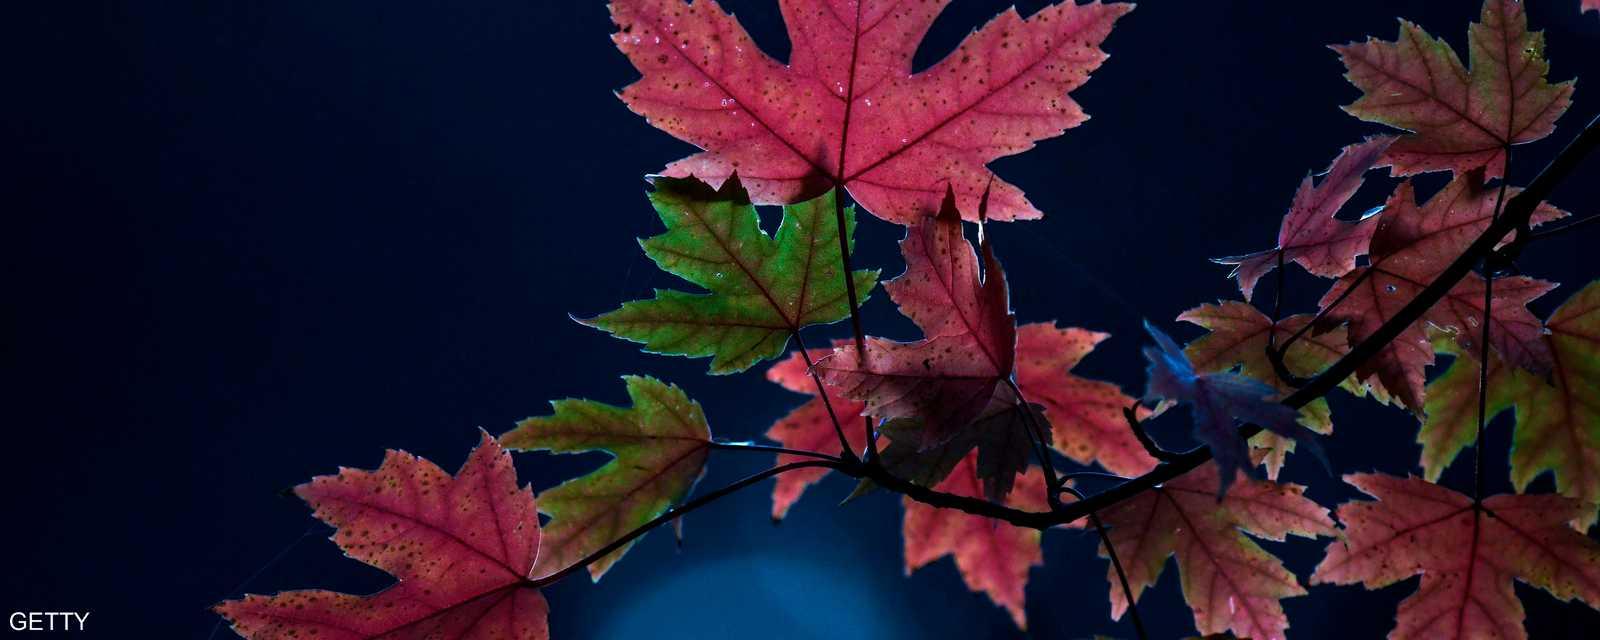 أوراق ملونة تتدلى من شجرة بحديقة في دورتموند غربي ألمانيا، إذ يزهر هذا النوع من الشجر في فصل الخريف.